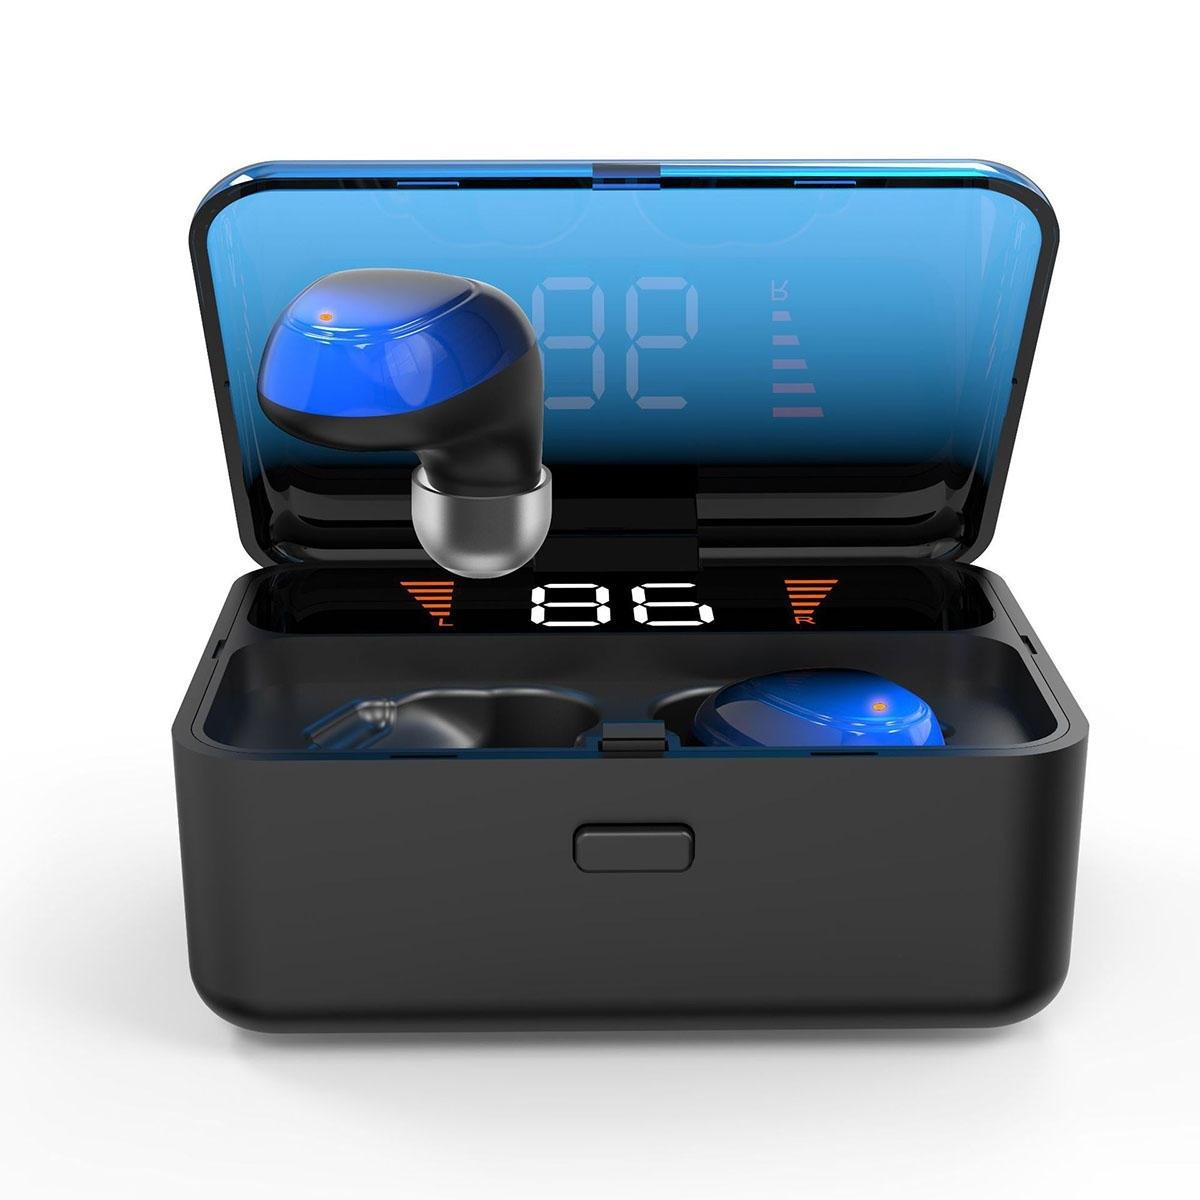 2000mAh Trådlös bluetooth 5.0 Hörlurar Touch Control Headset Hörlurar Stereohörlurar med mikrofon